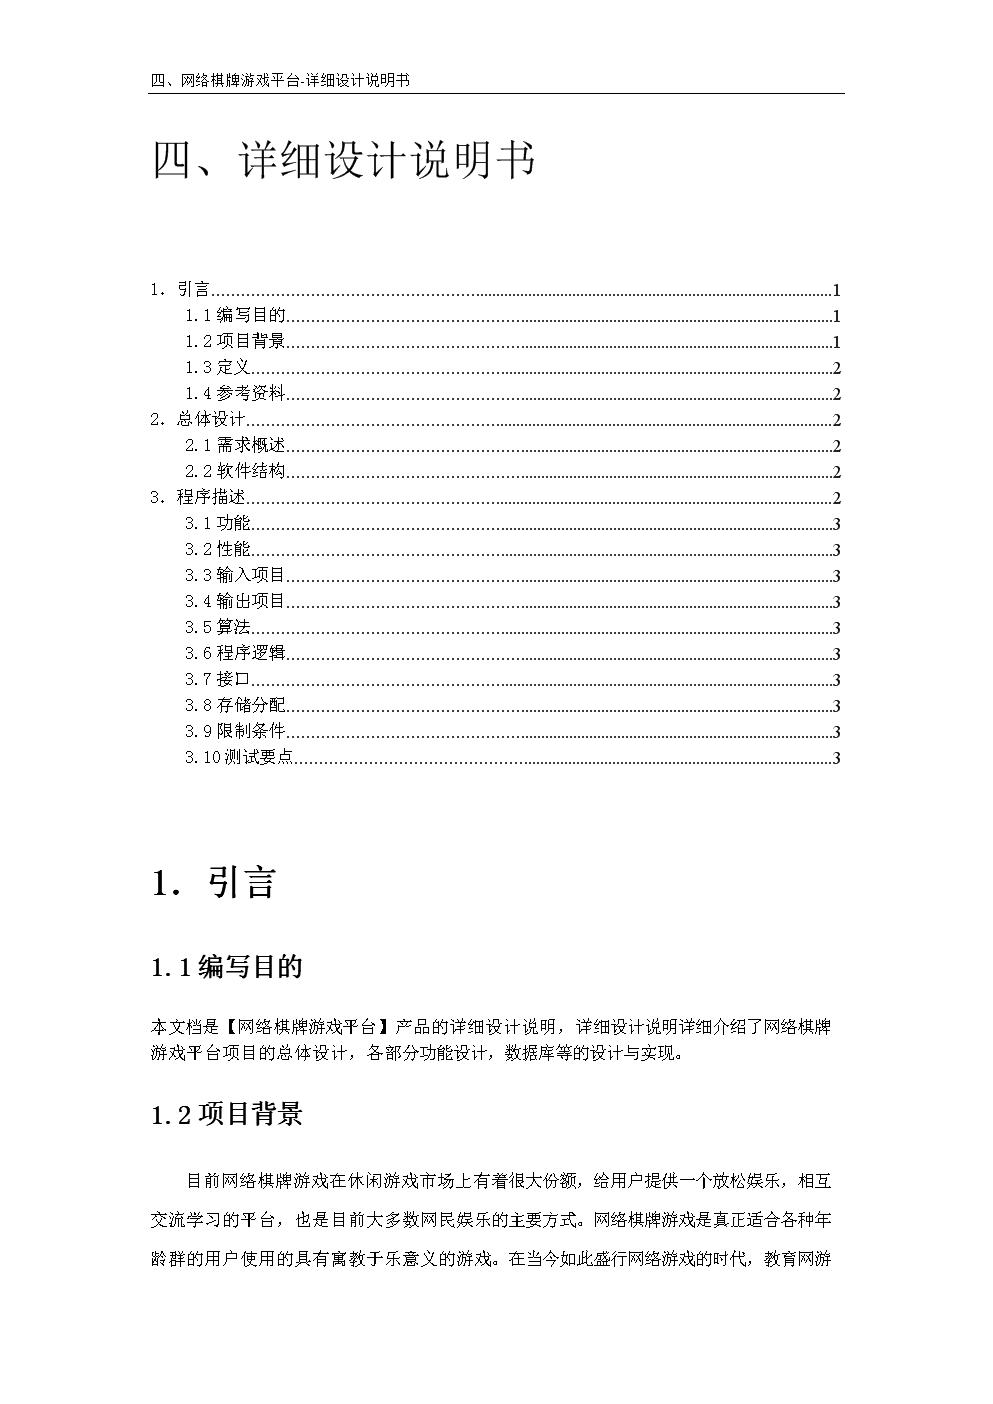 网络棋牌游戏详细设计指导书.doc